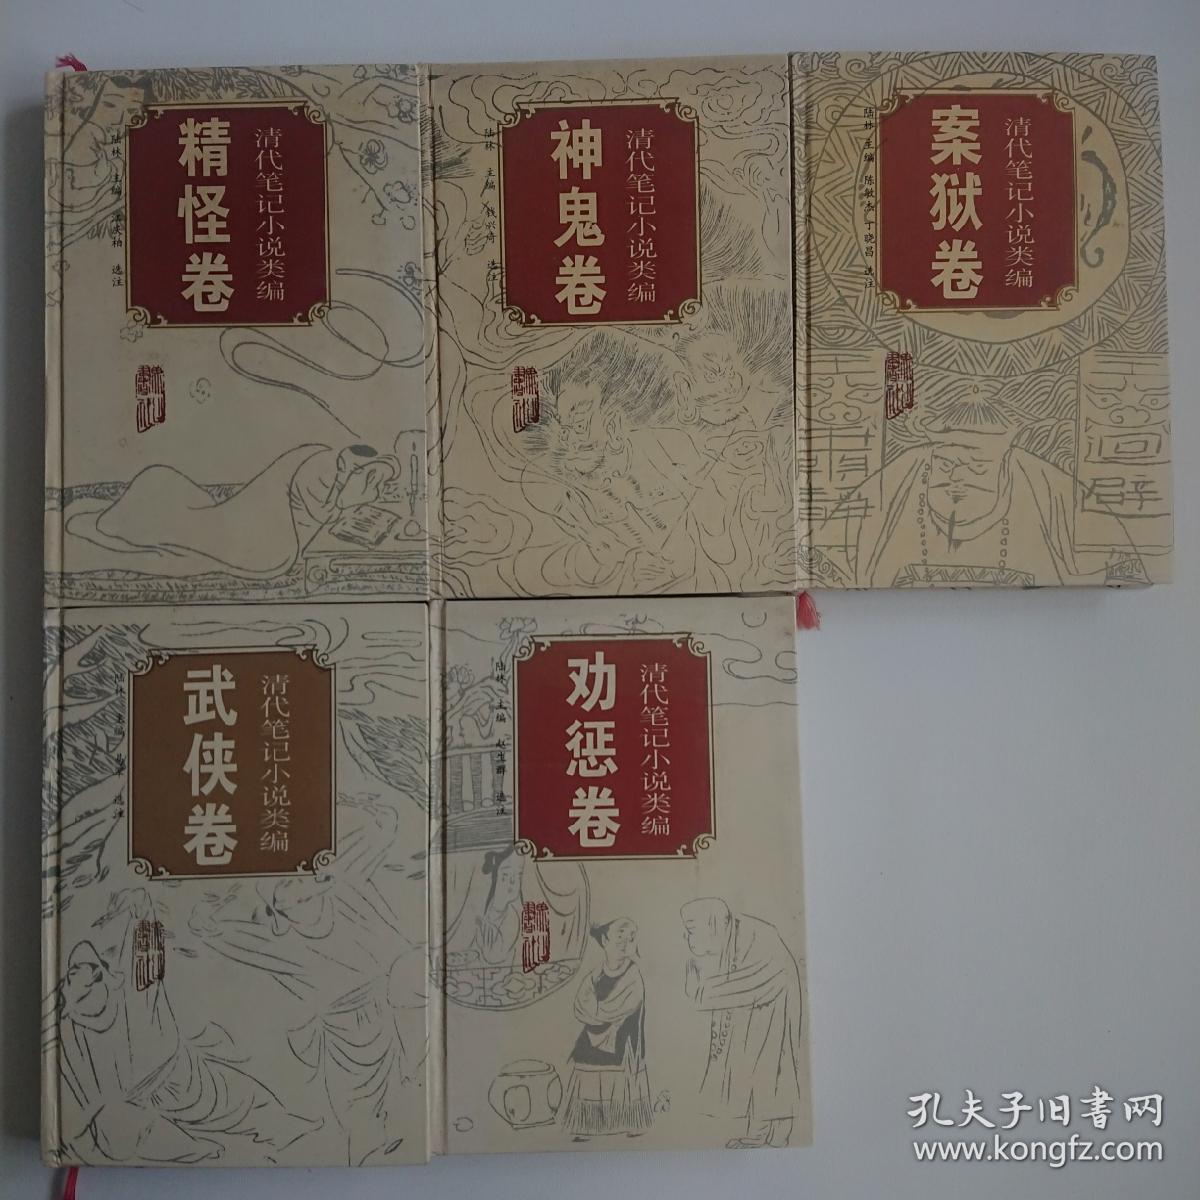 清代笔记小说类编《武侠卷》《精怪卷》《神鬼卷》《案狱卷》《劝惩卷》5卷合售